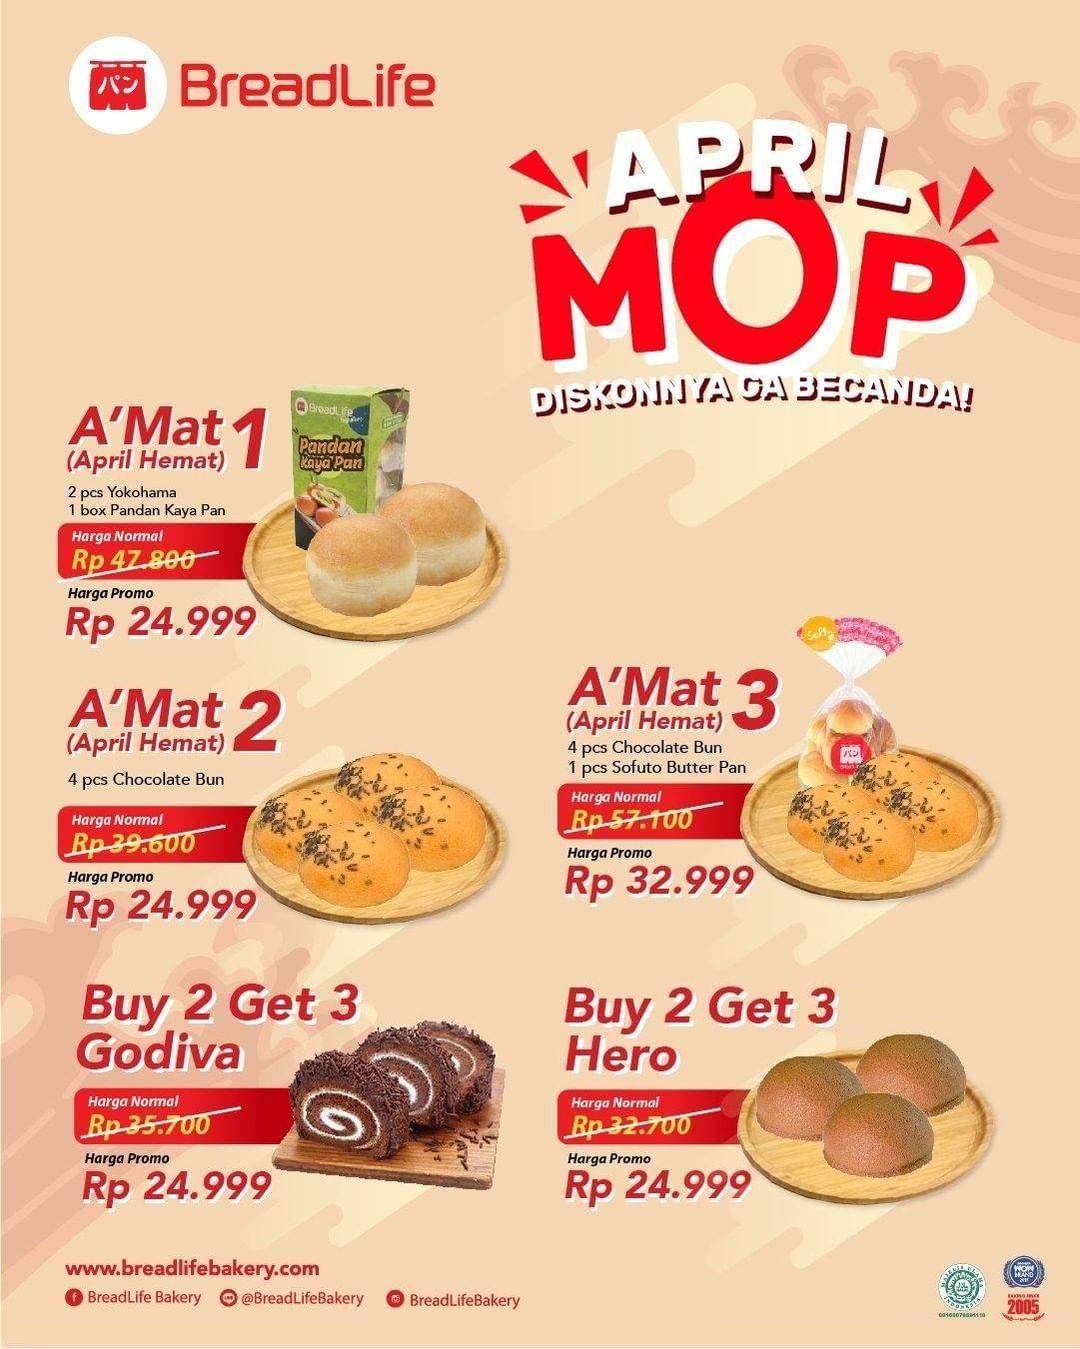 Diskon Breadlife Promo April Mop Harga Mulai Dari Rp. 24.999